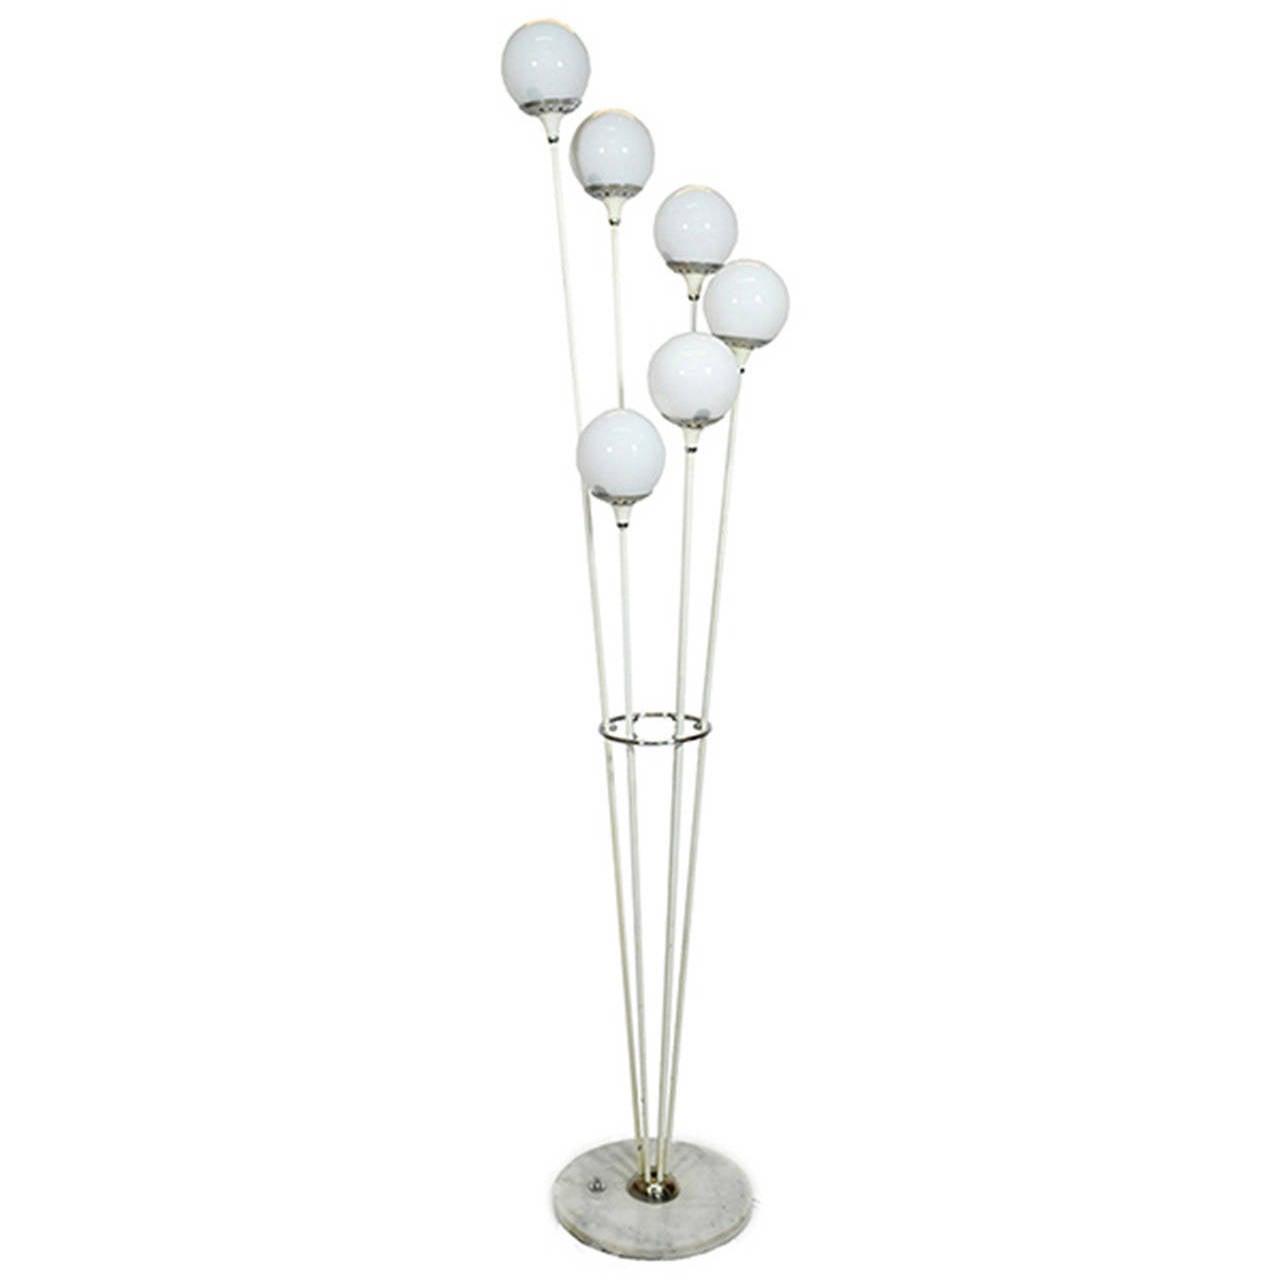 Chrome and white floor lamp at 1stdibs for Roosevelt 1 light floor lamp